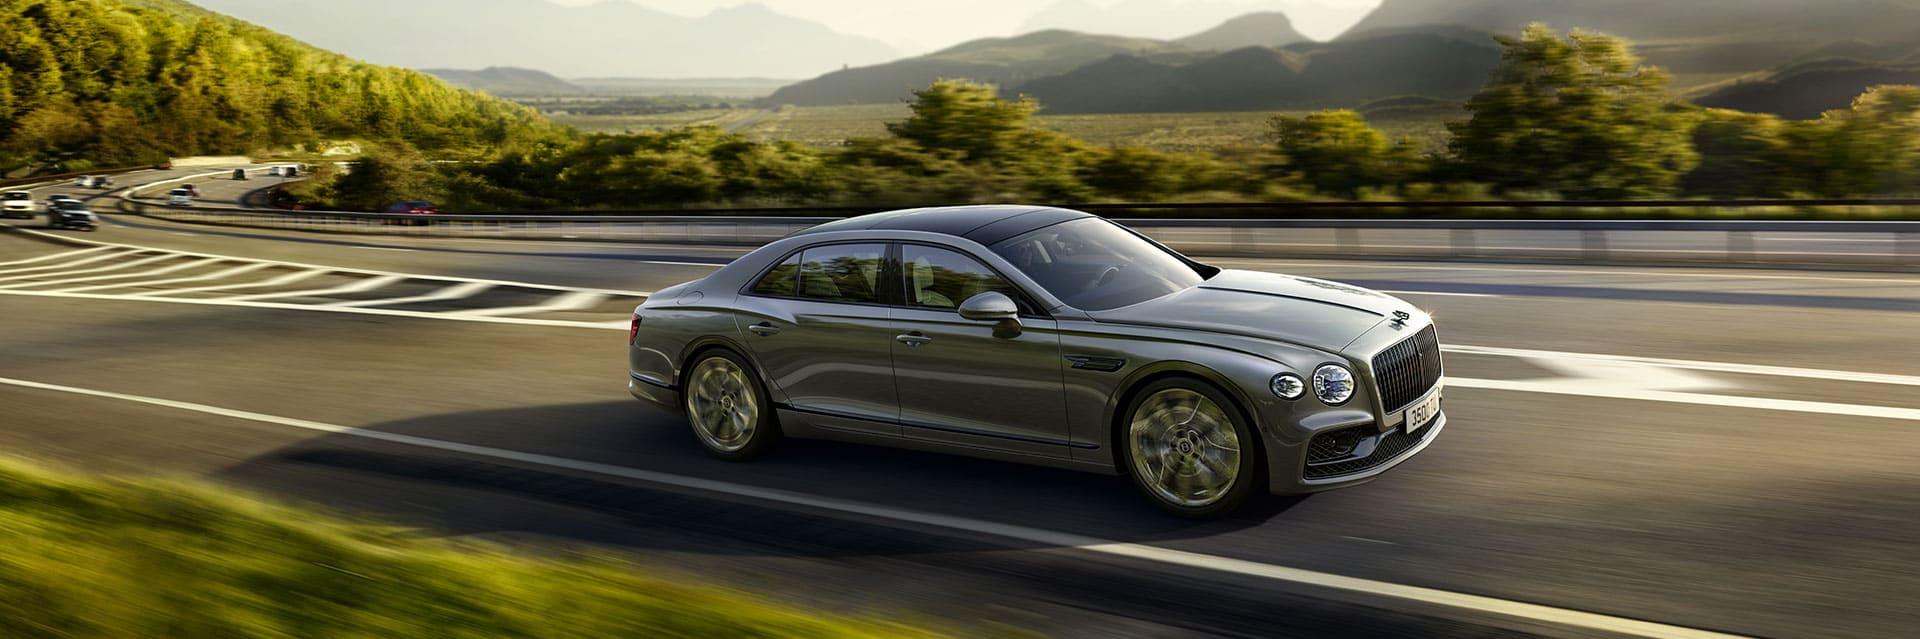 Un saut dans le futur avec la Bentley Flying Spur